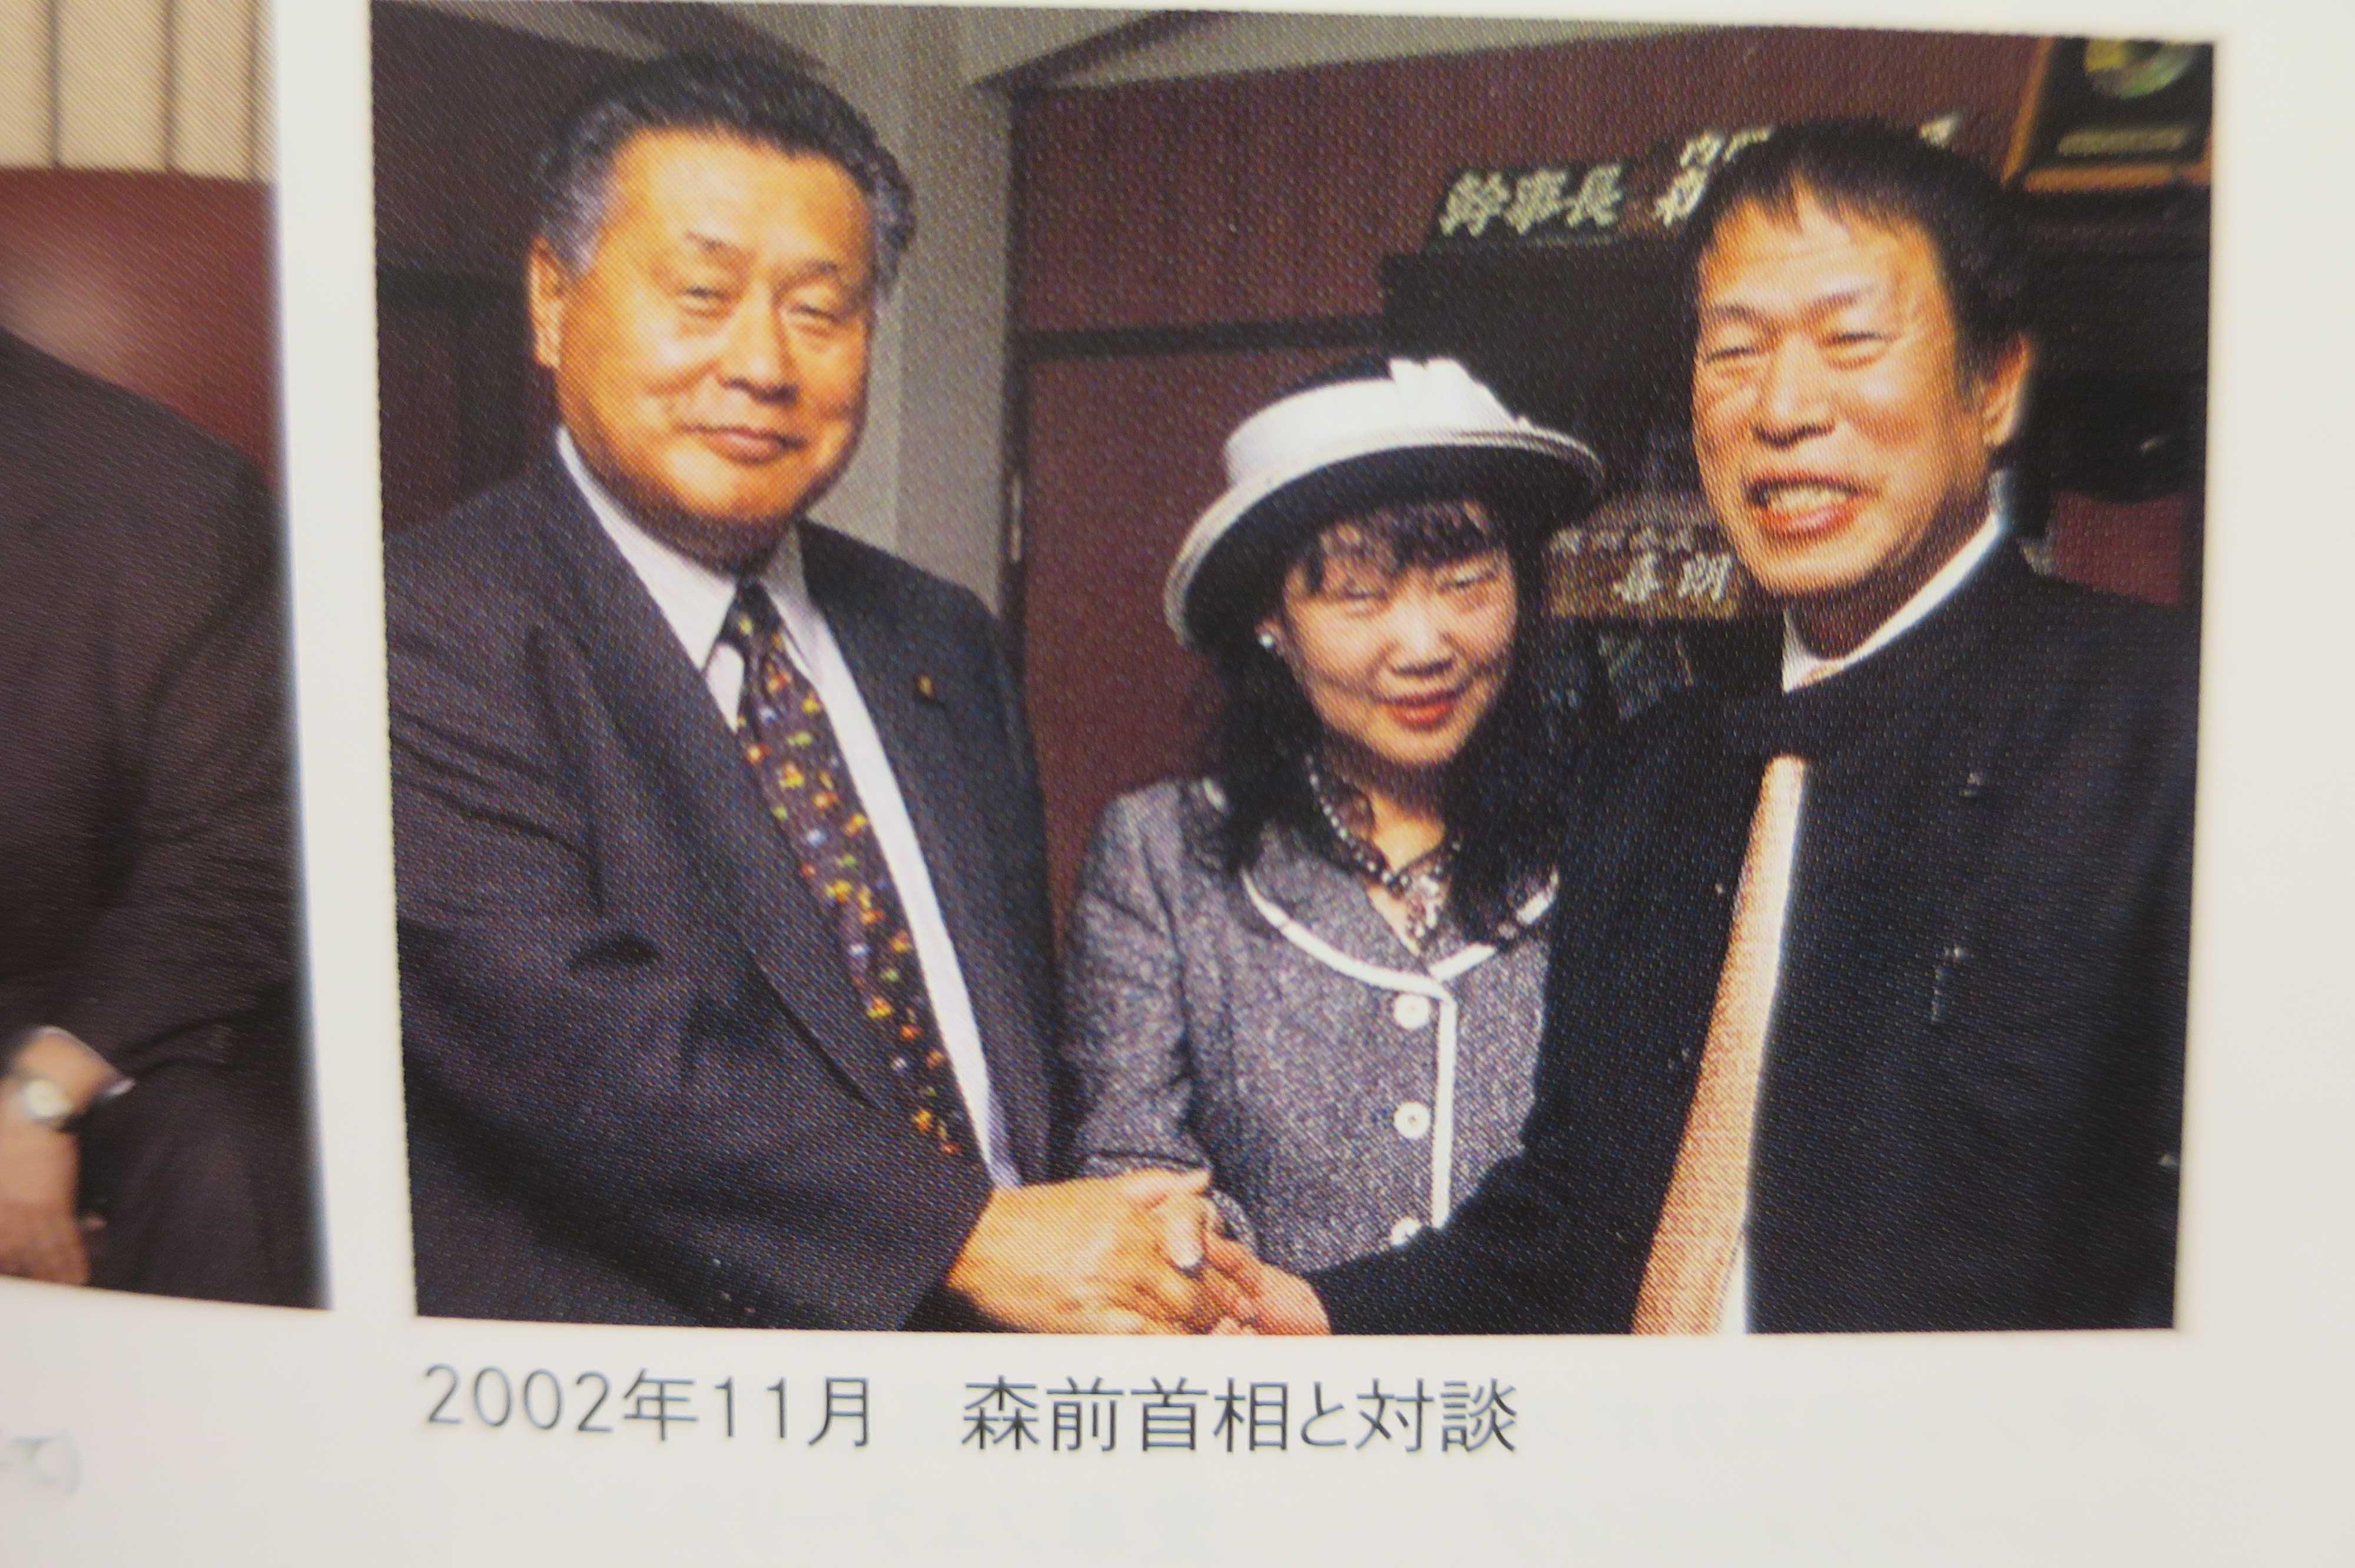 築地エリア - 森元首相と対談するアパホテル 元谷外志雄・元谷芙美子夫妻